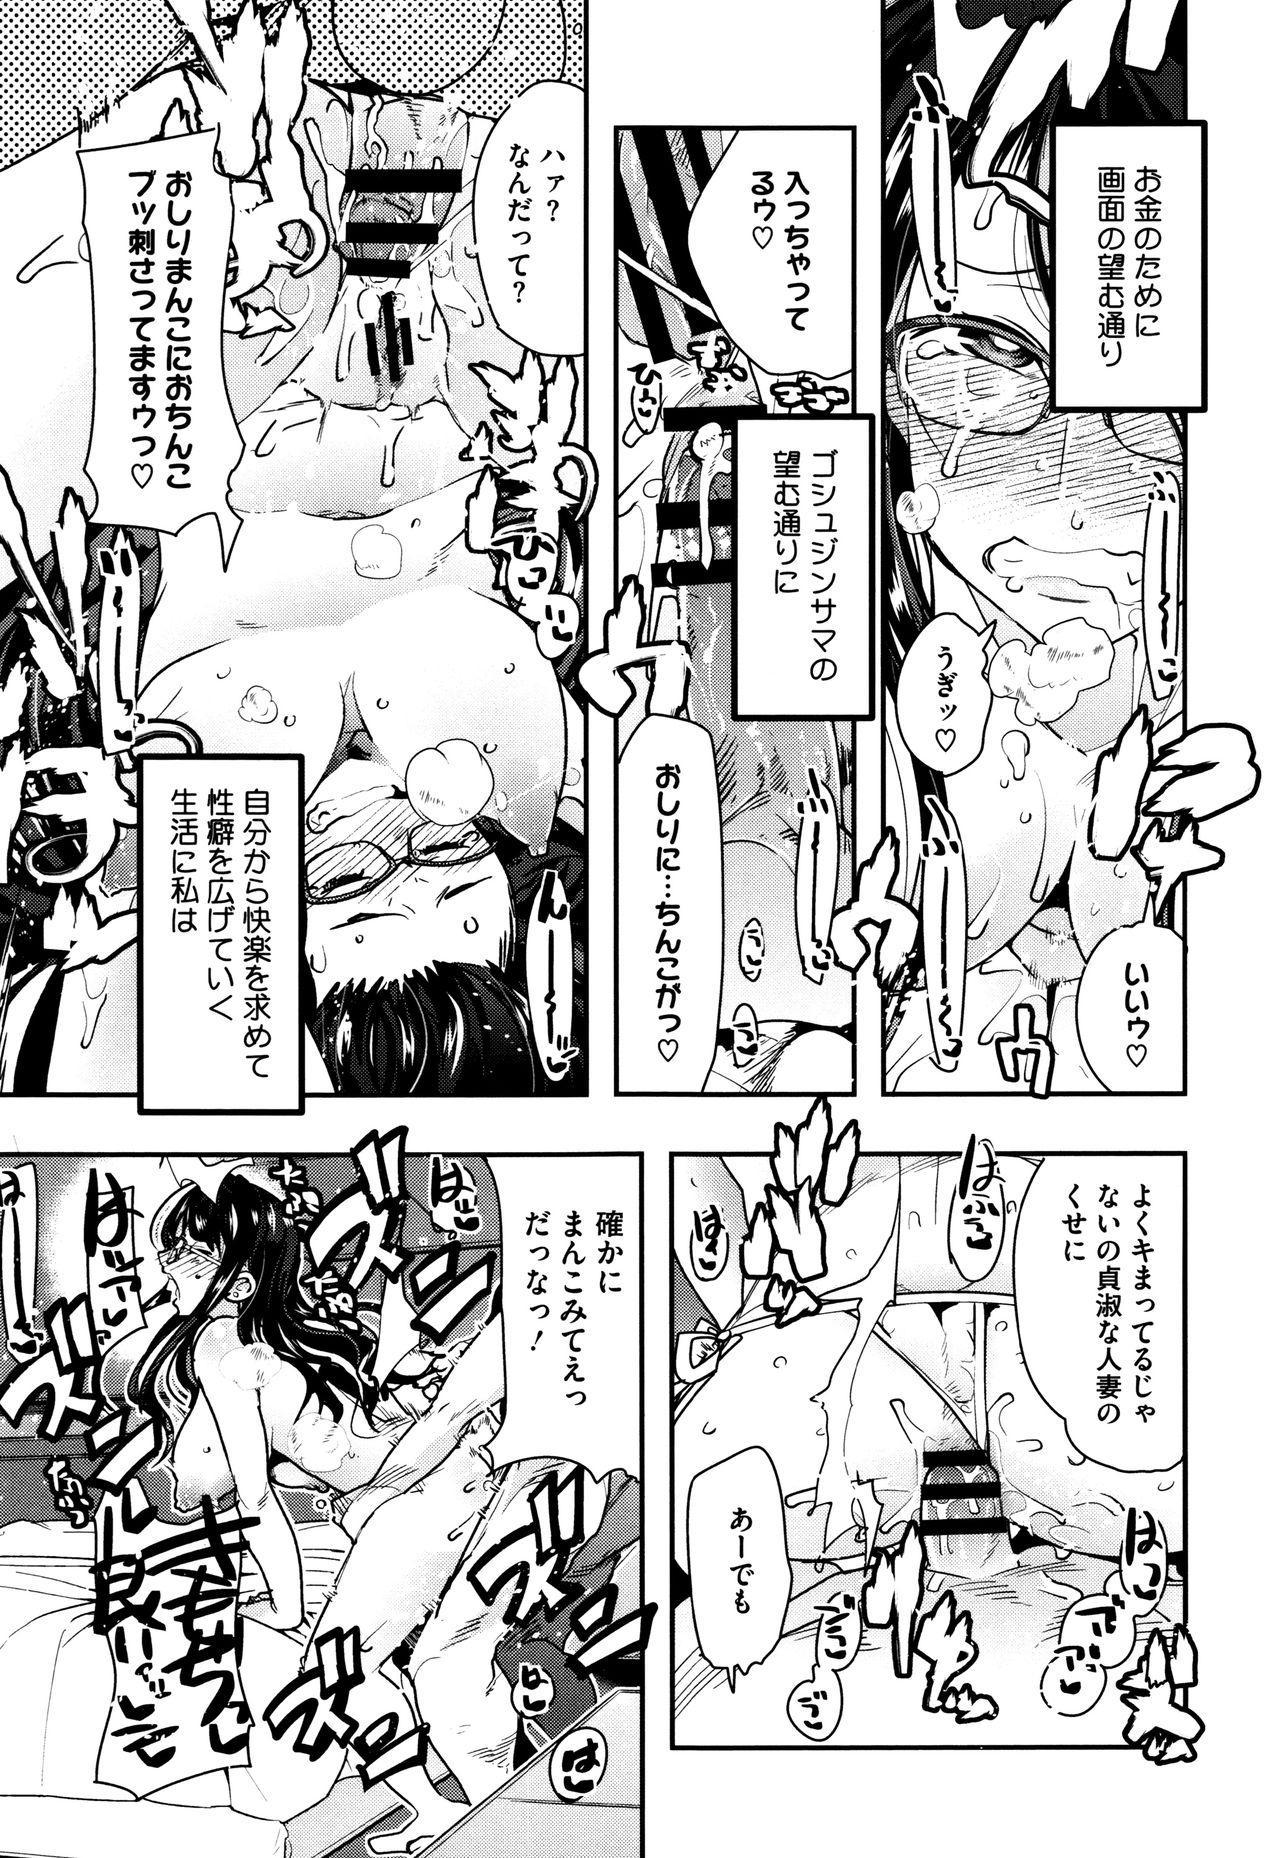 Setsuzoku Sareta Onna 69